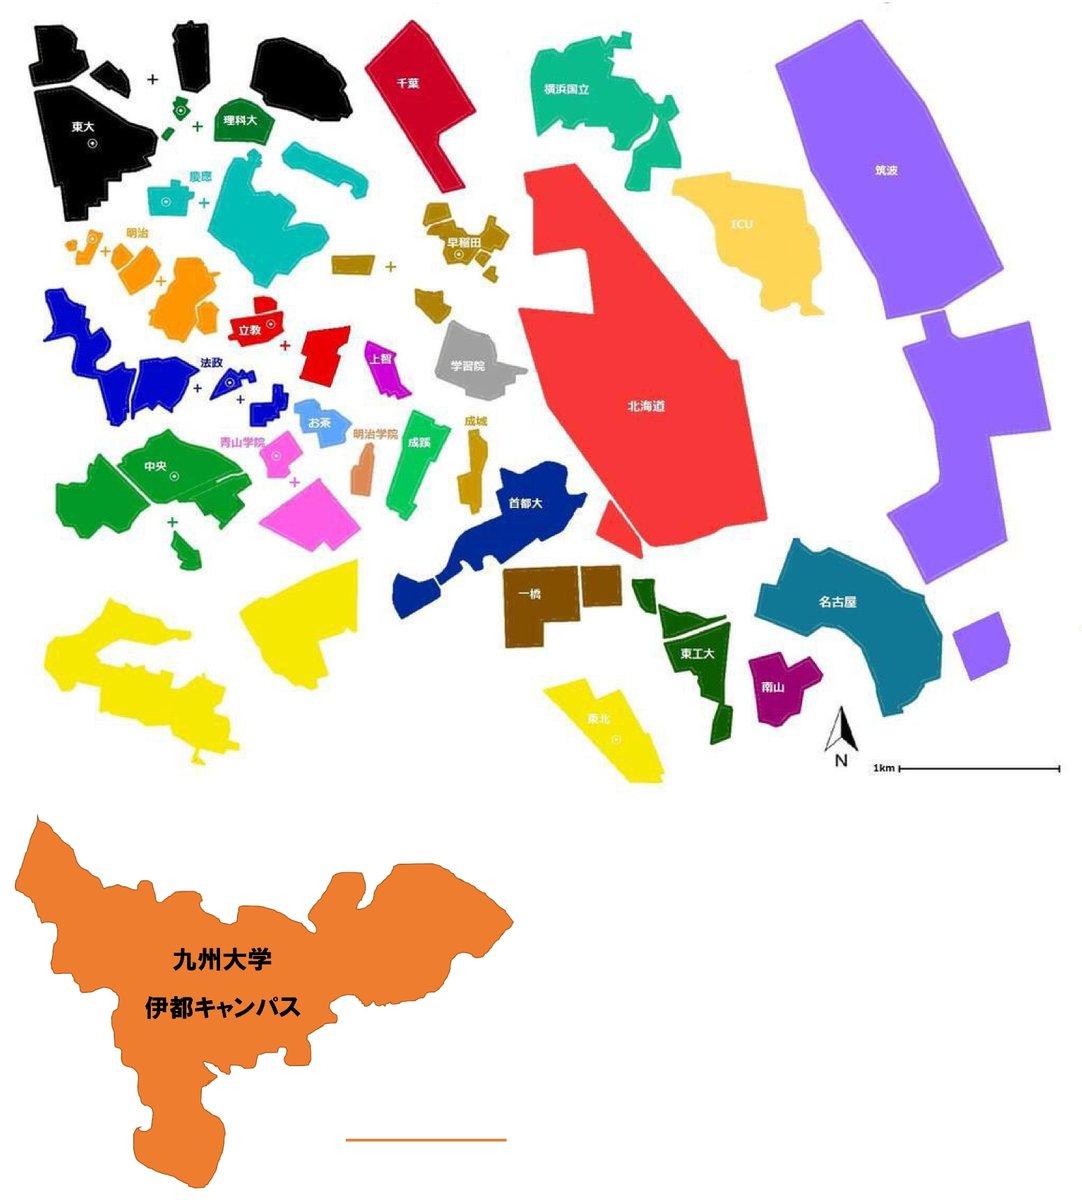 下記投稿を見て、 単一面積日本一である九州大学伊都キャンパスの大きさを体感しようと、この画像を作りましたが、 縮尺を合わせた瞬間、想像の114514倍大きくて椅子から転げ落ちました。  http://t.co/rWJjYnBns8 http://t.co/9fByI9MJDH